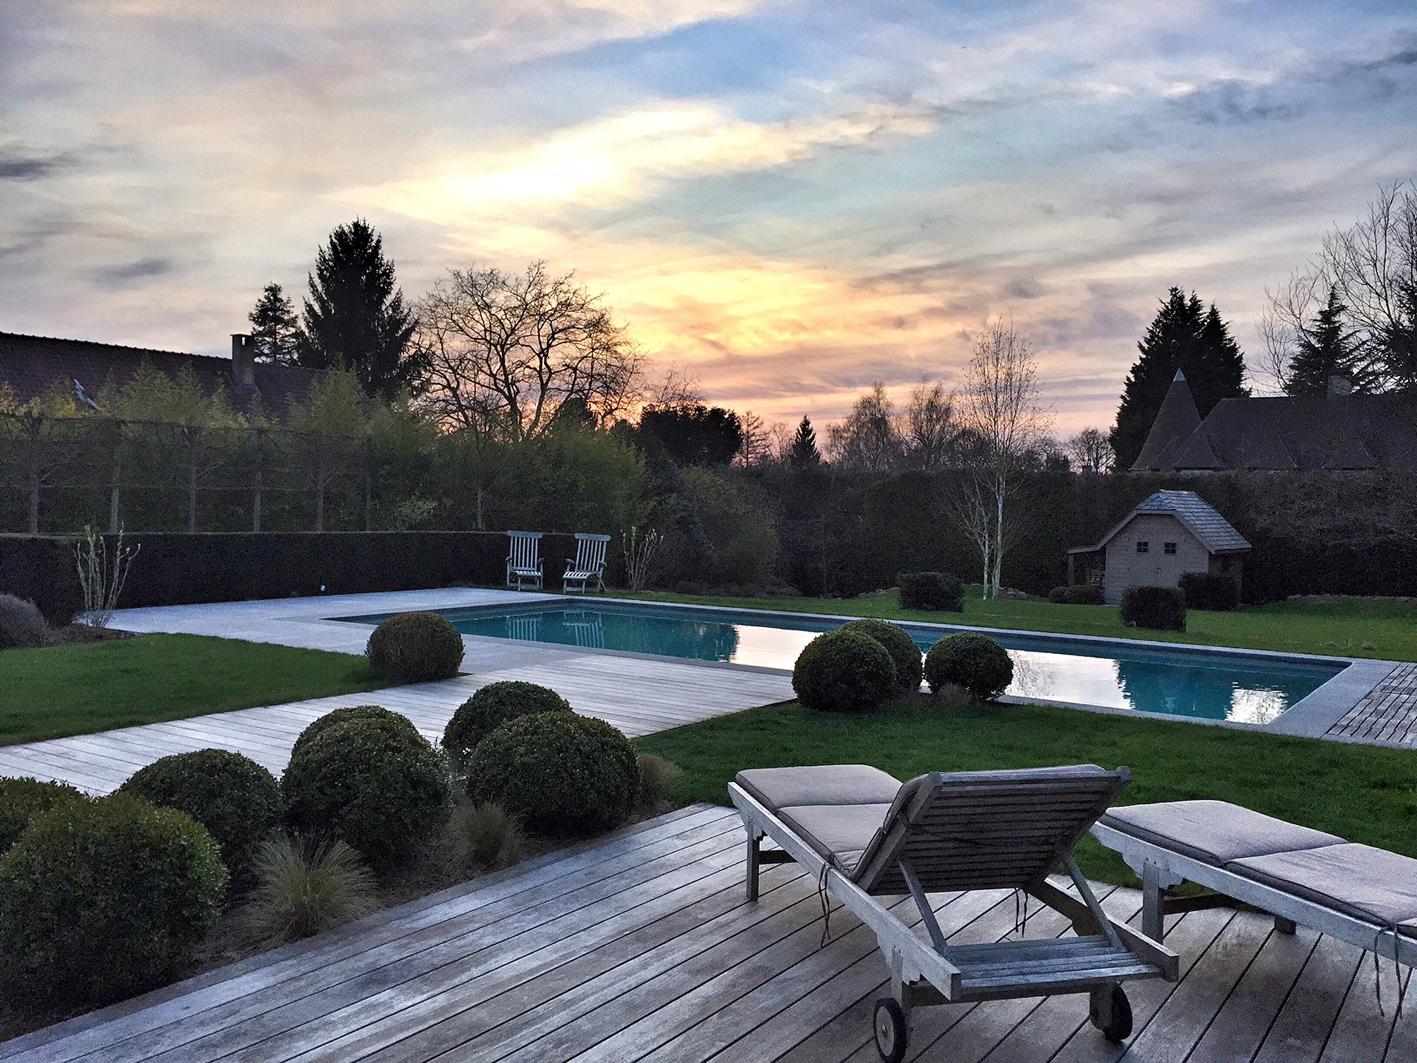 Coucher de soleil sur un espace piscine avec son habillage de terrasses bois et pierre bleue. La touche « cosy » étant apportée par les végétaux proches.